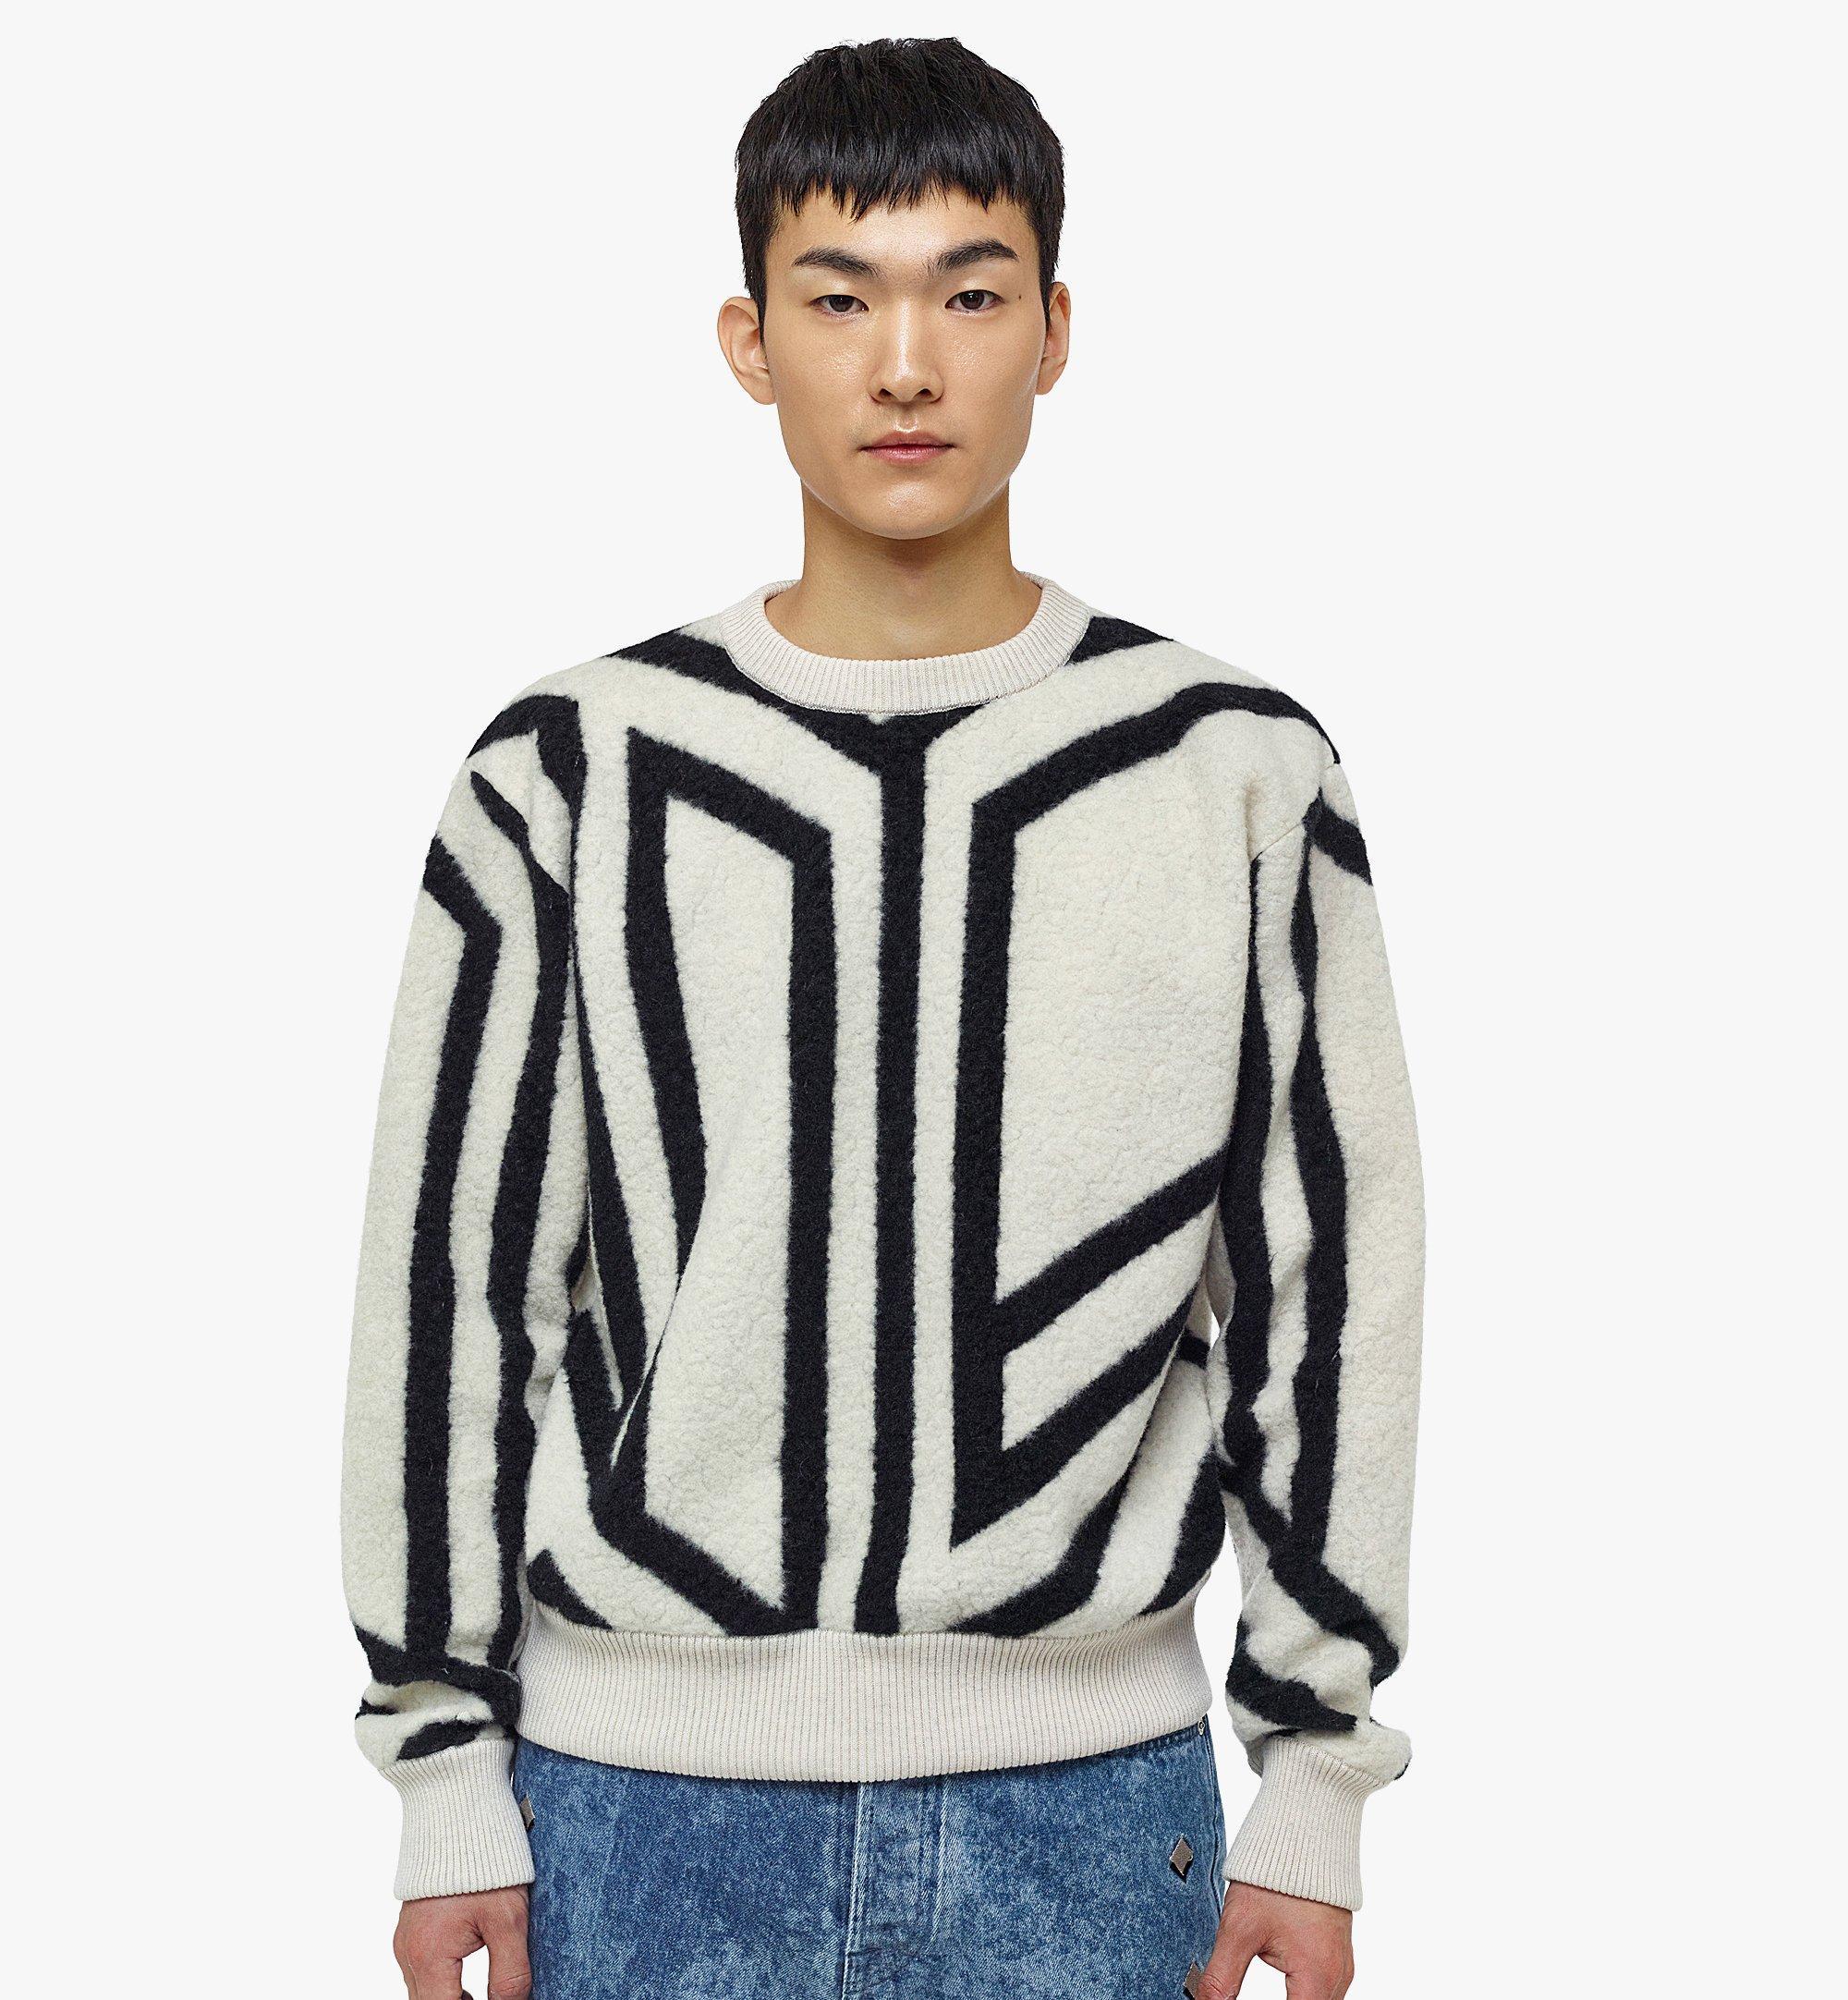 MCM Sweat-shirt à monogramme cubique en laine pour homme White MHABAMM02W700M Plus de photos 2